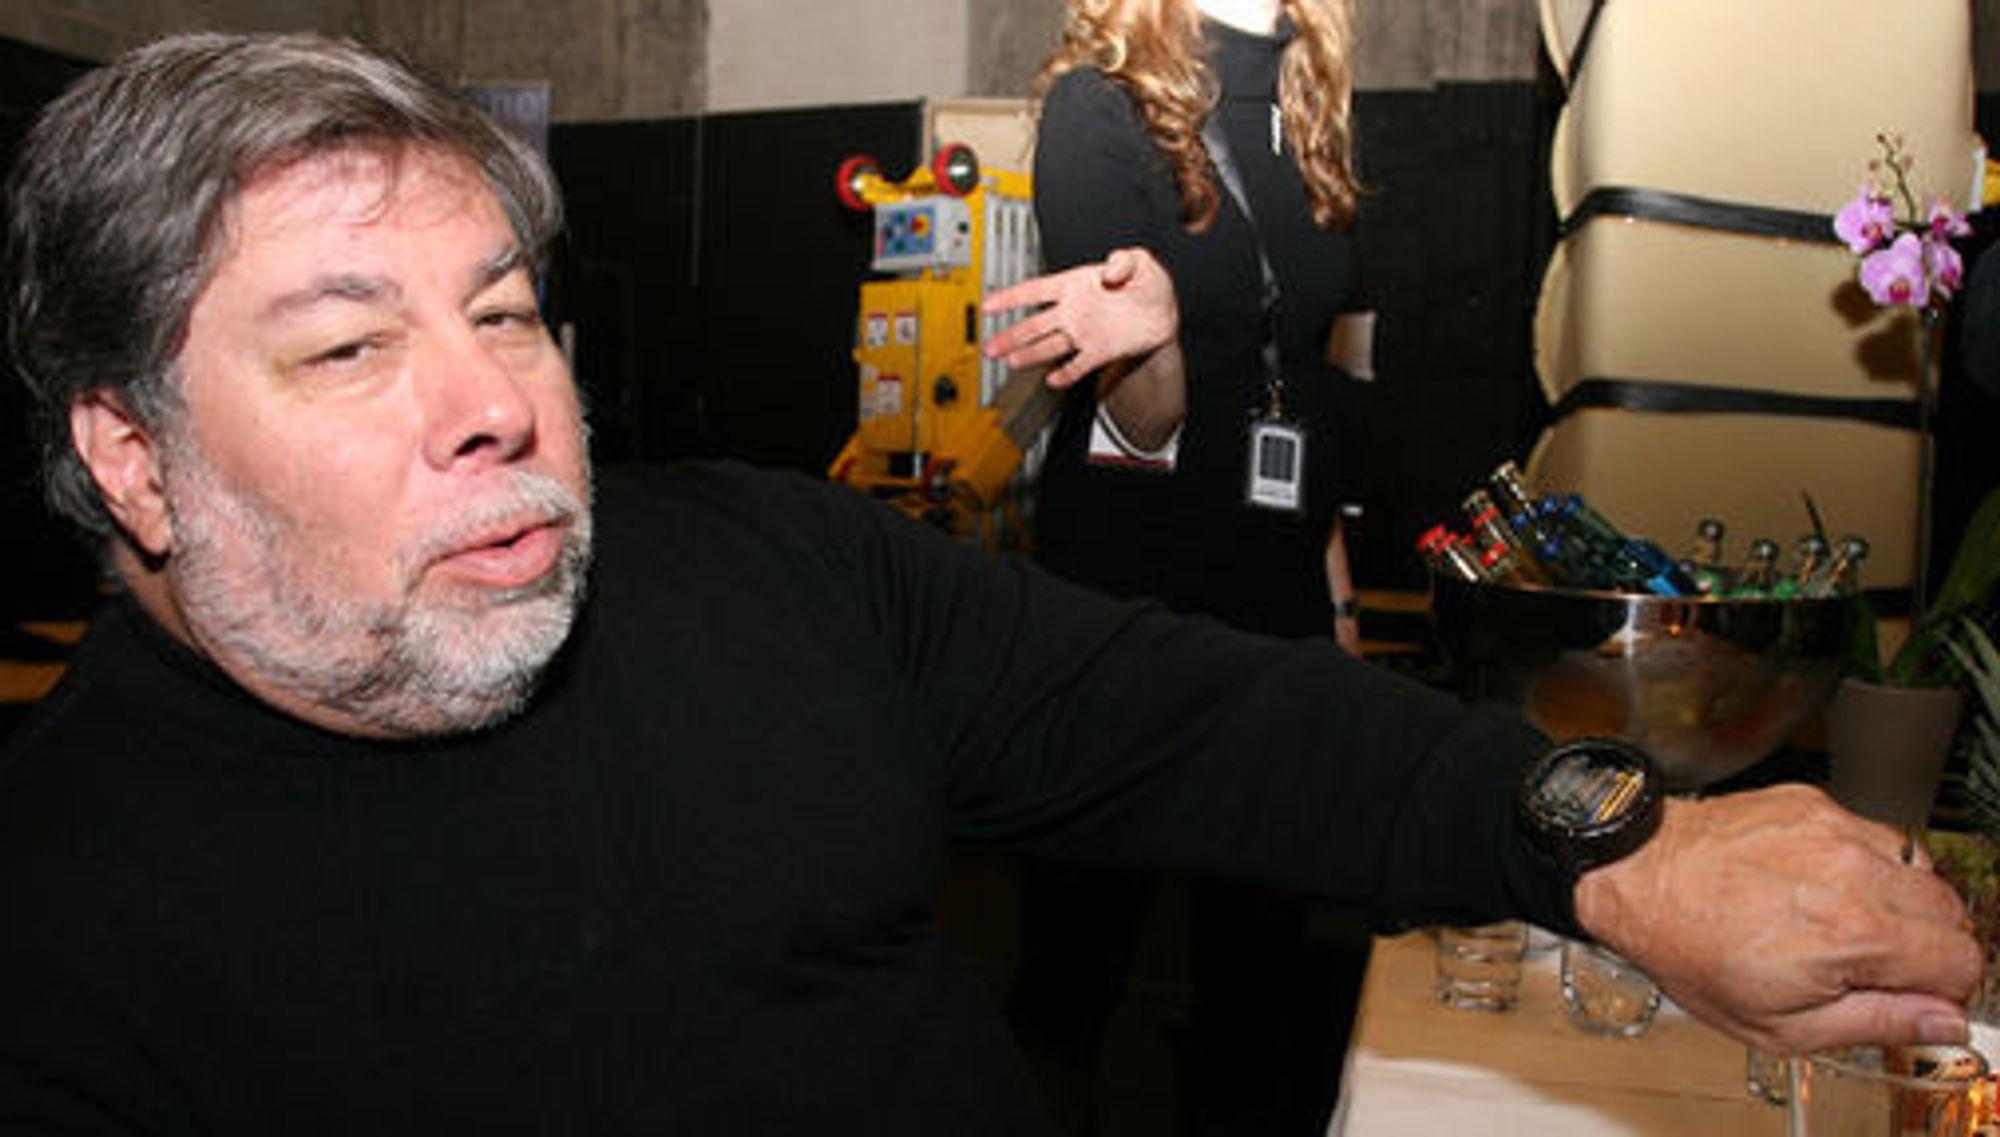 Wozniak er kjent for å elske duppeditter, og viser stolt frem klokken sin, en Nixie med neon-rør. I lommene har han to stykk iPhone, så han både kan prate og leke seg med apps samtidig.